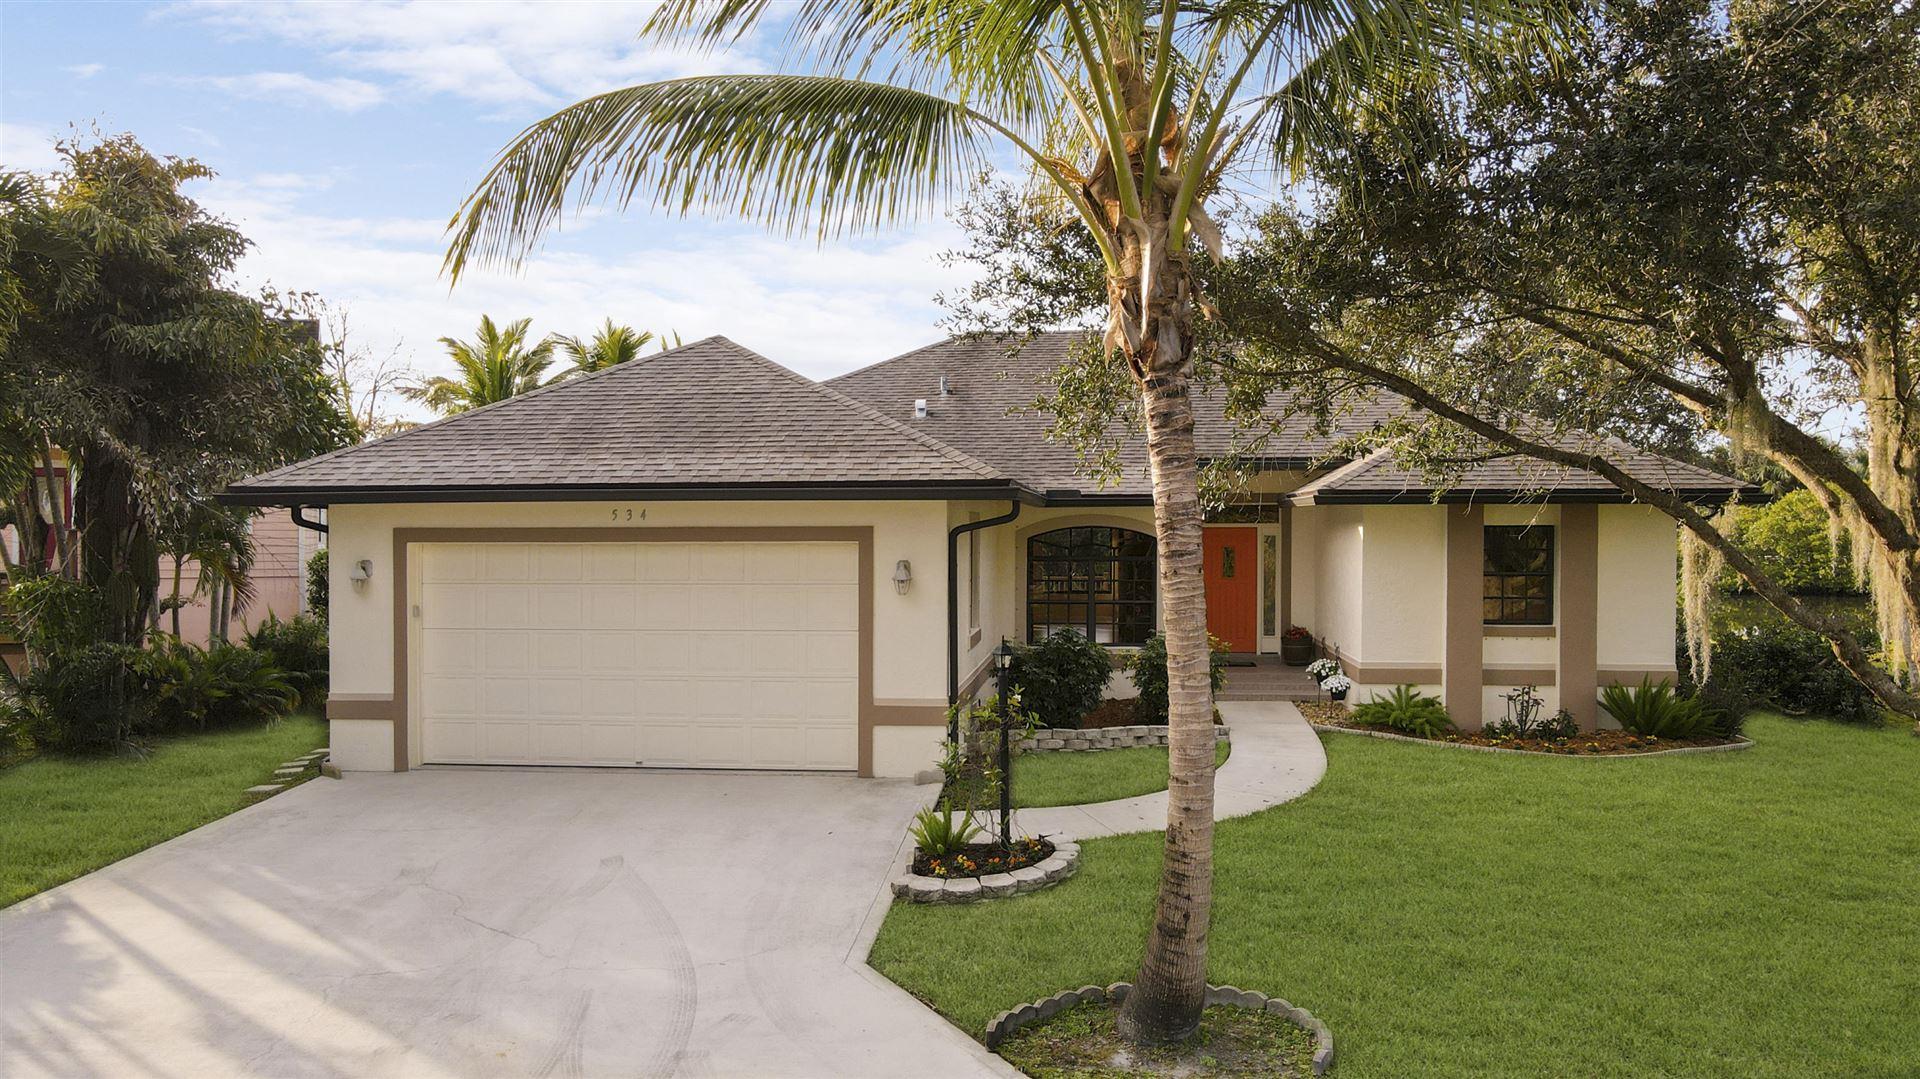 Photo of 534 SW Salerno Road, Stuart, FL 34997 (MLS # RX-10683984)